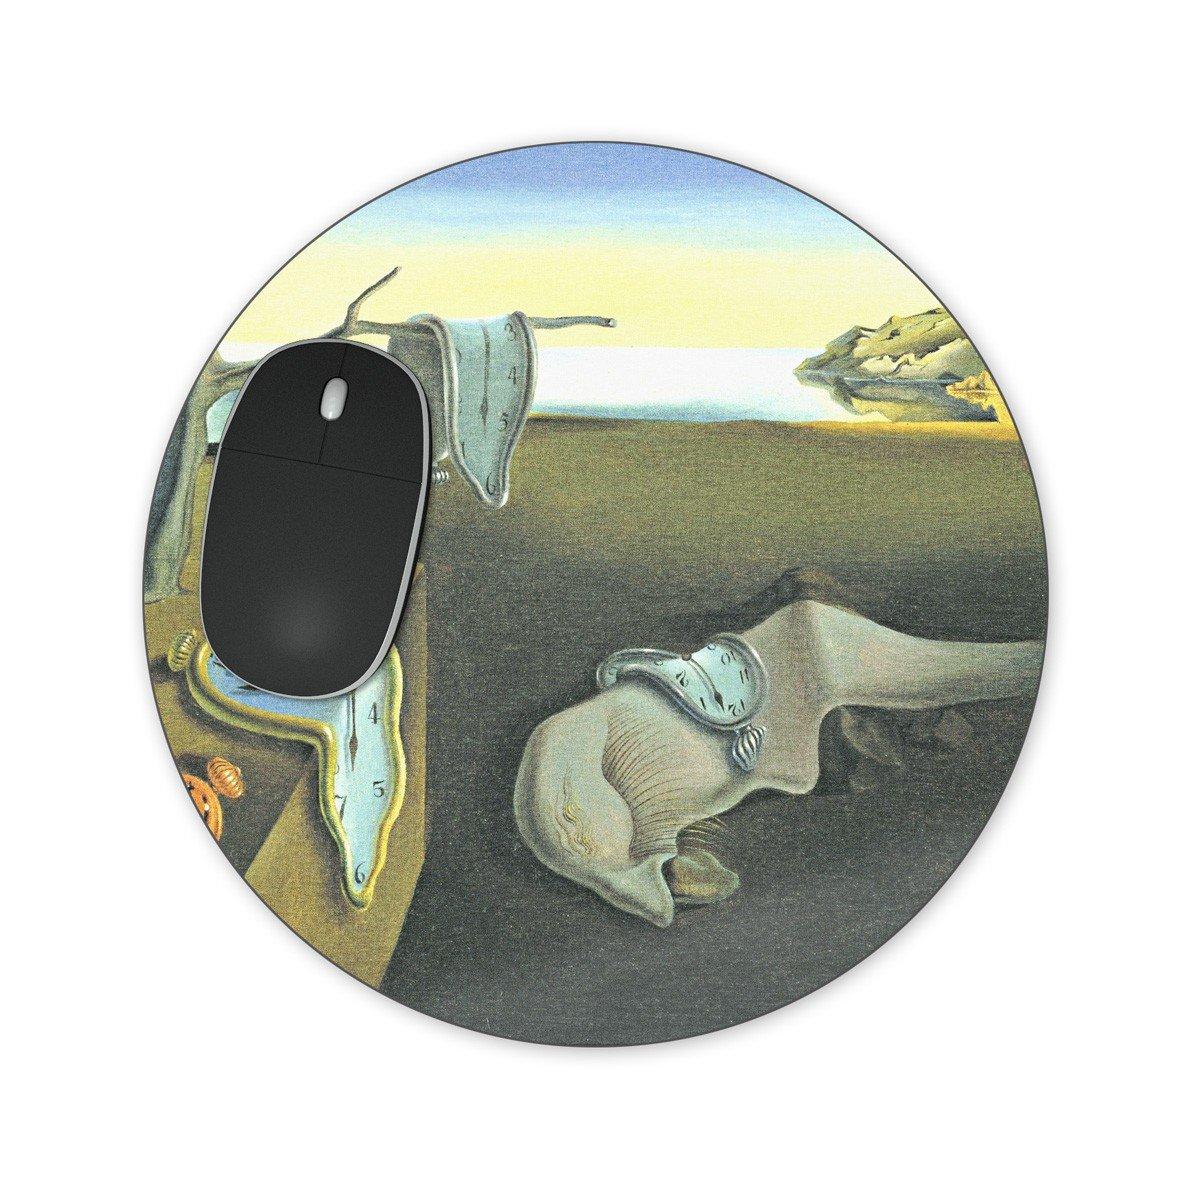 Relojes de fusión Salvador Dalí Fine Art Mousepad - neopreno para ópticas y ratón láser, multicolor, Round Mousepad: Amazon.es: Oficina y papelería